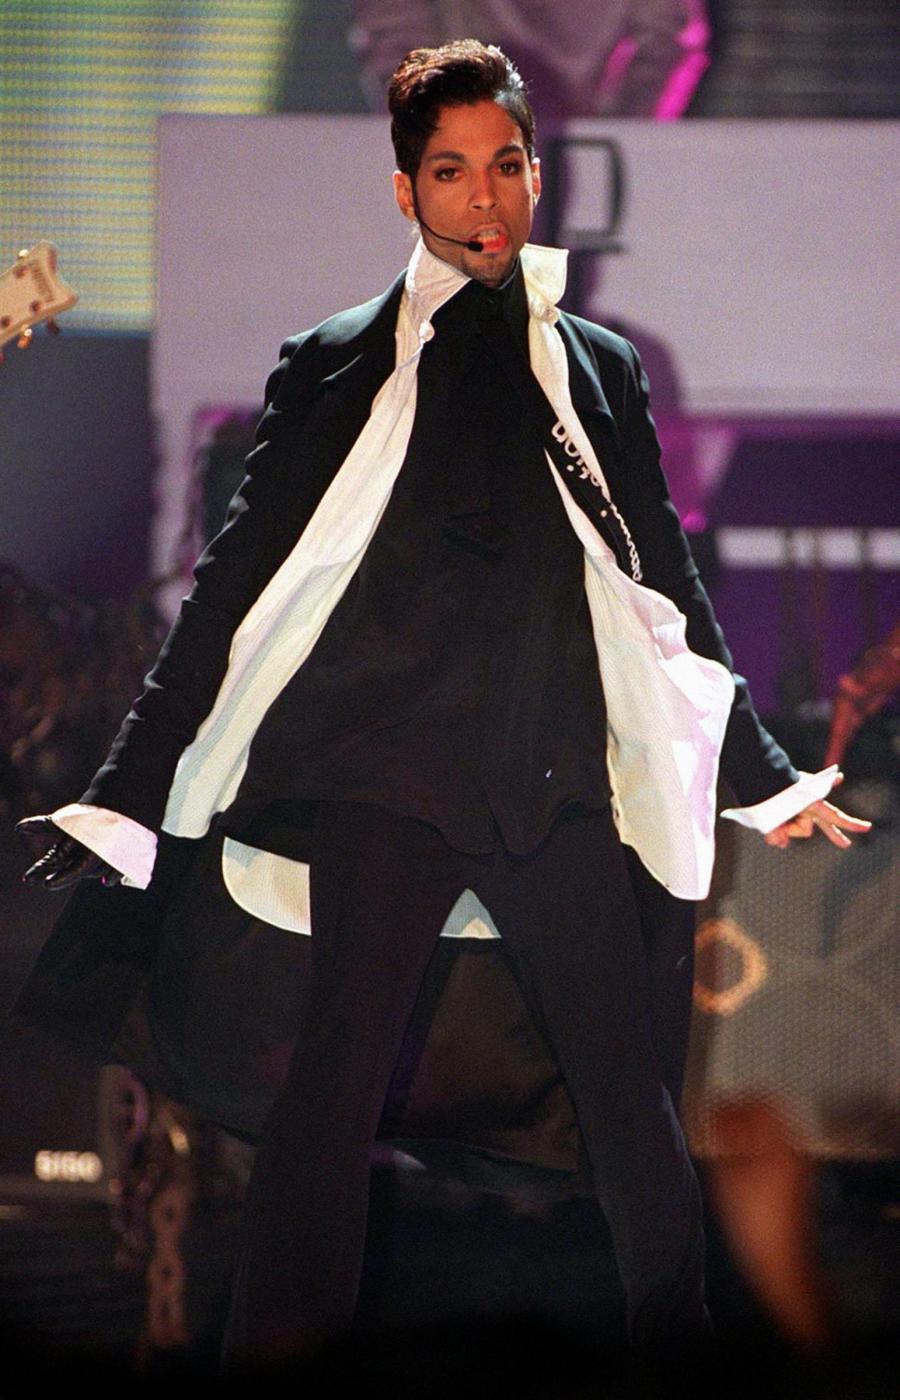 E' morto Il cantante Prince